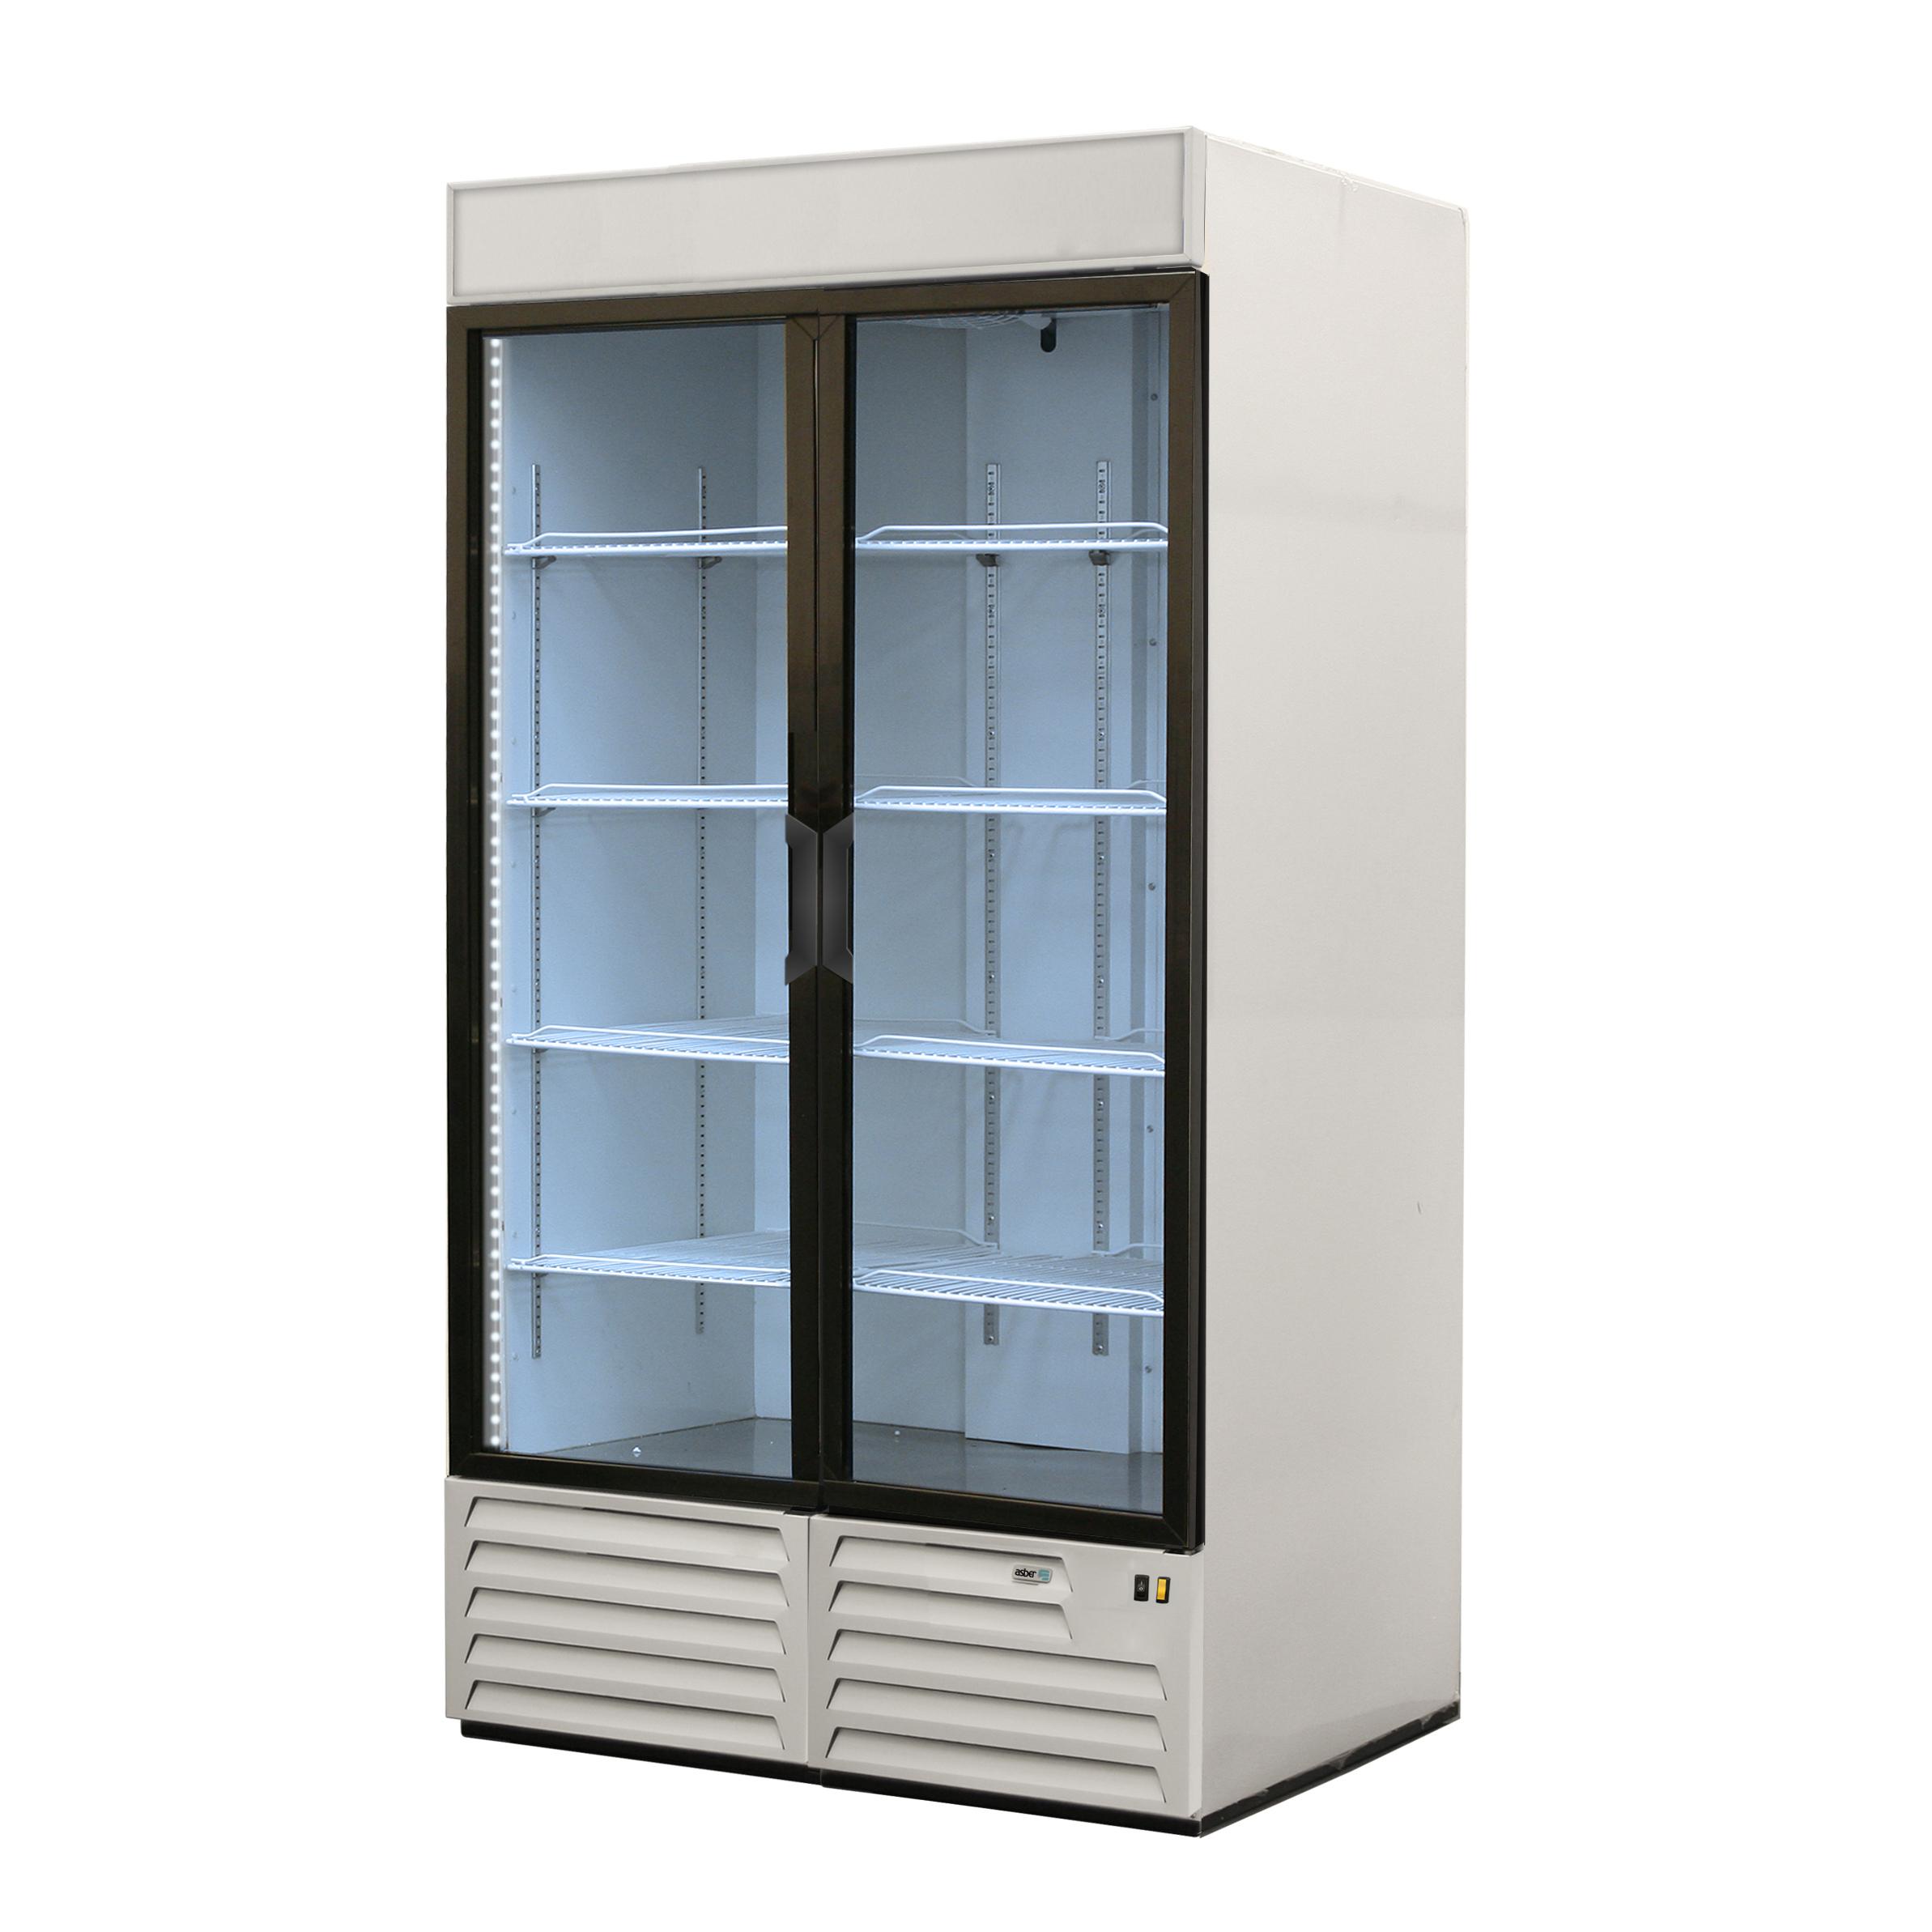 Asber ARMD-49A refrigerator, merchandiser